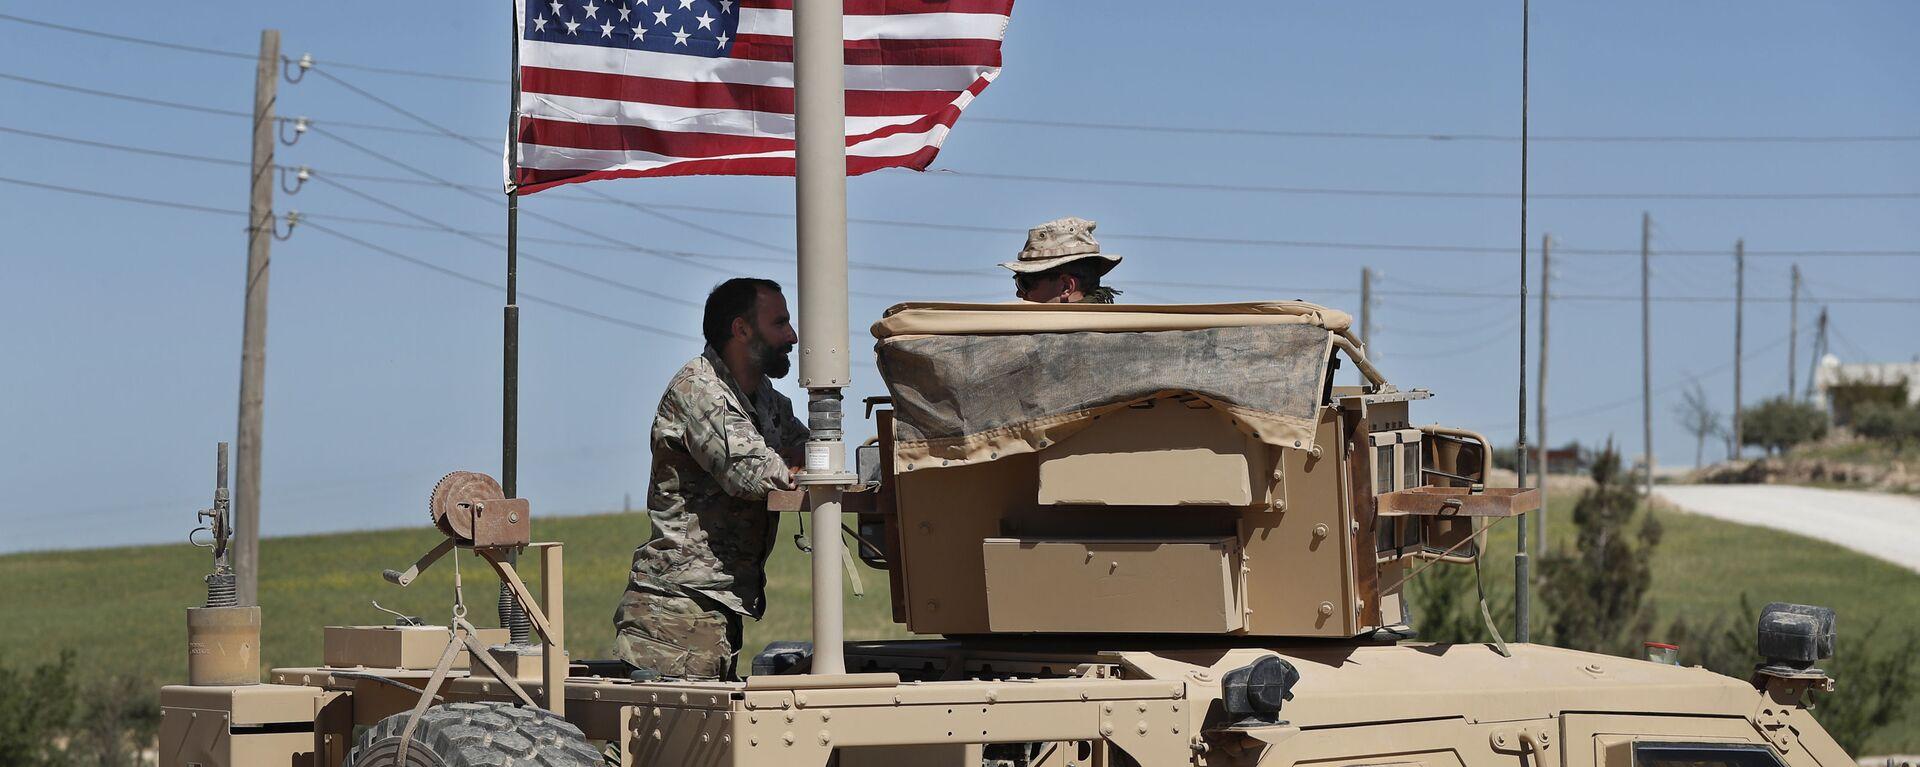 Amerykański wojskowy rozmawia z żołnierzem ze wspieranej przez USA syryjskiej opozycji w północnej Syrii - Sputnik Polska, 1920, 26.02.2021